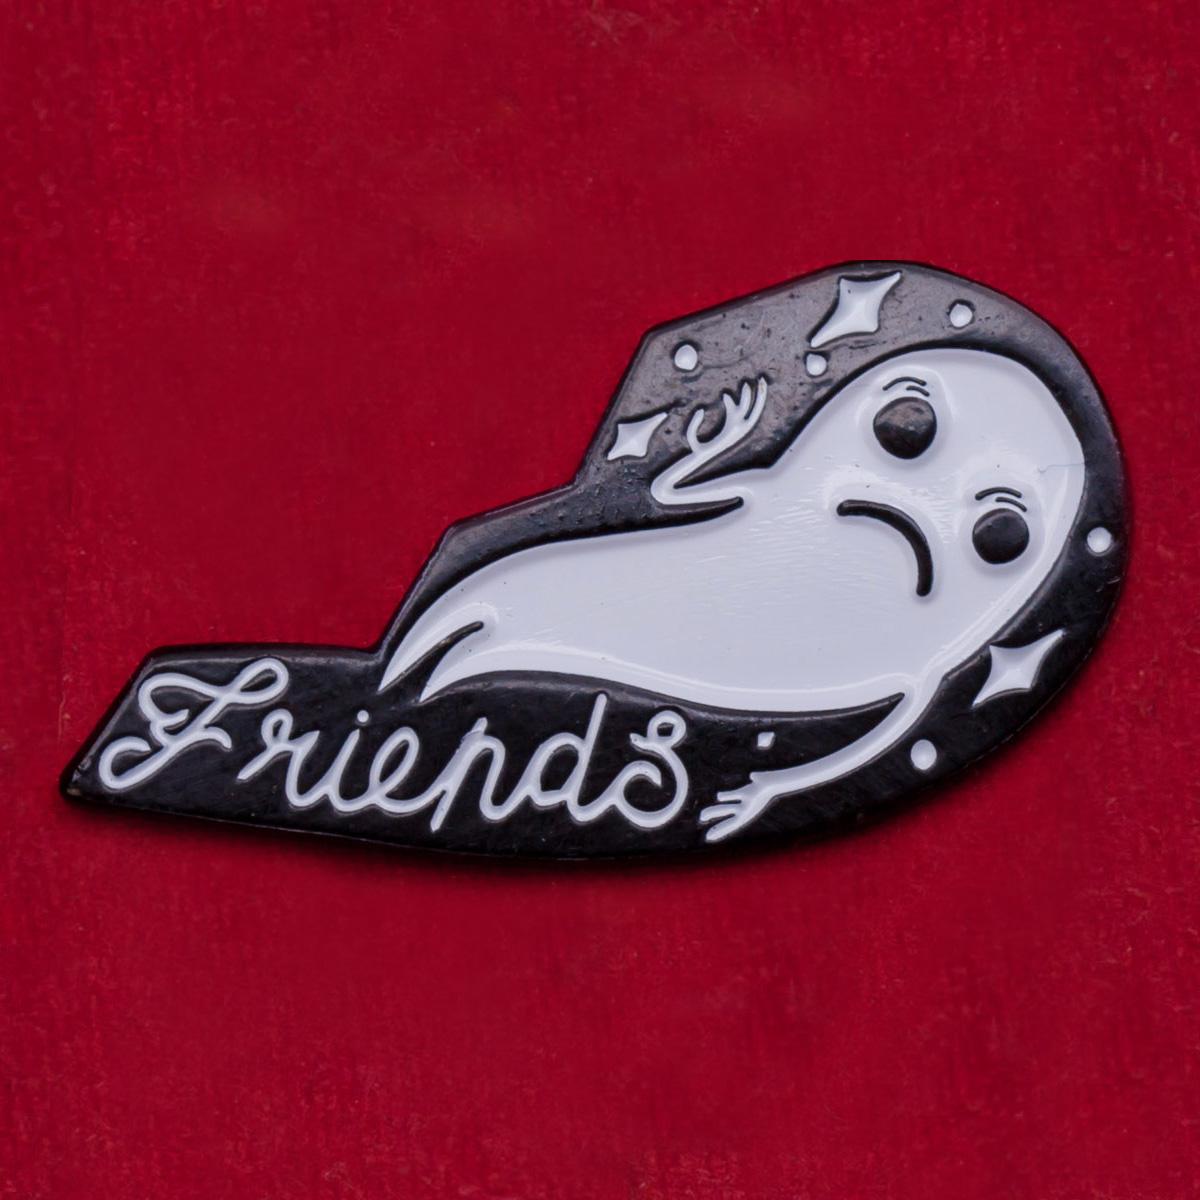 Оригинальный значок с призраком для тех, кто расстался с другом